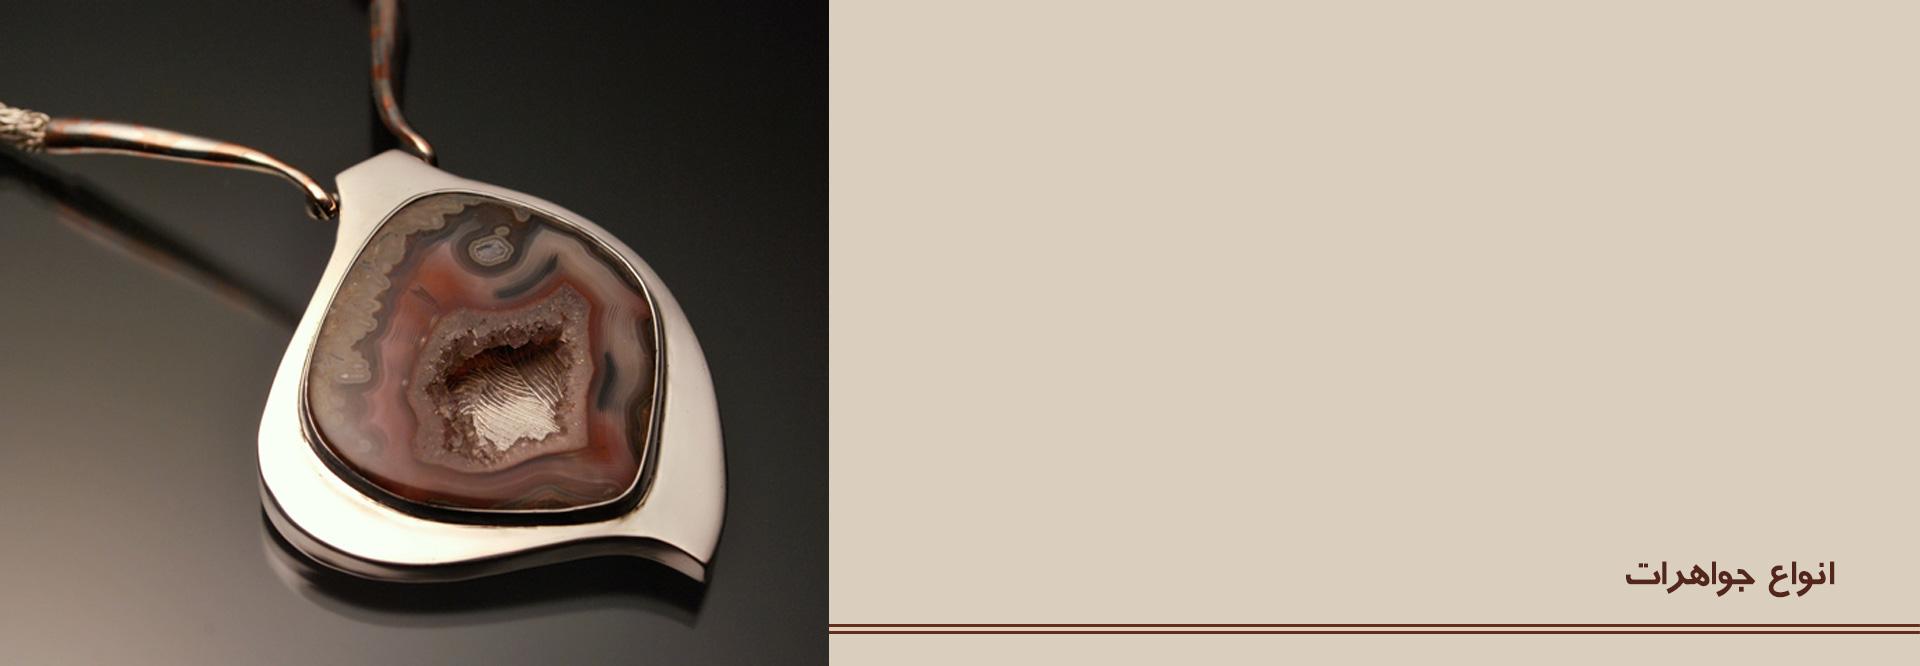 جواهر زینتی